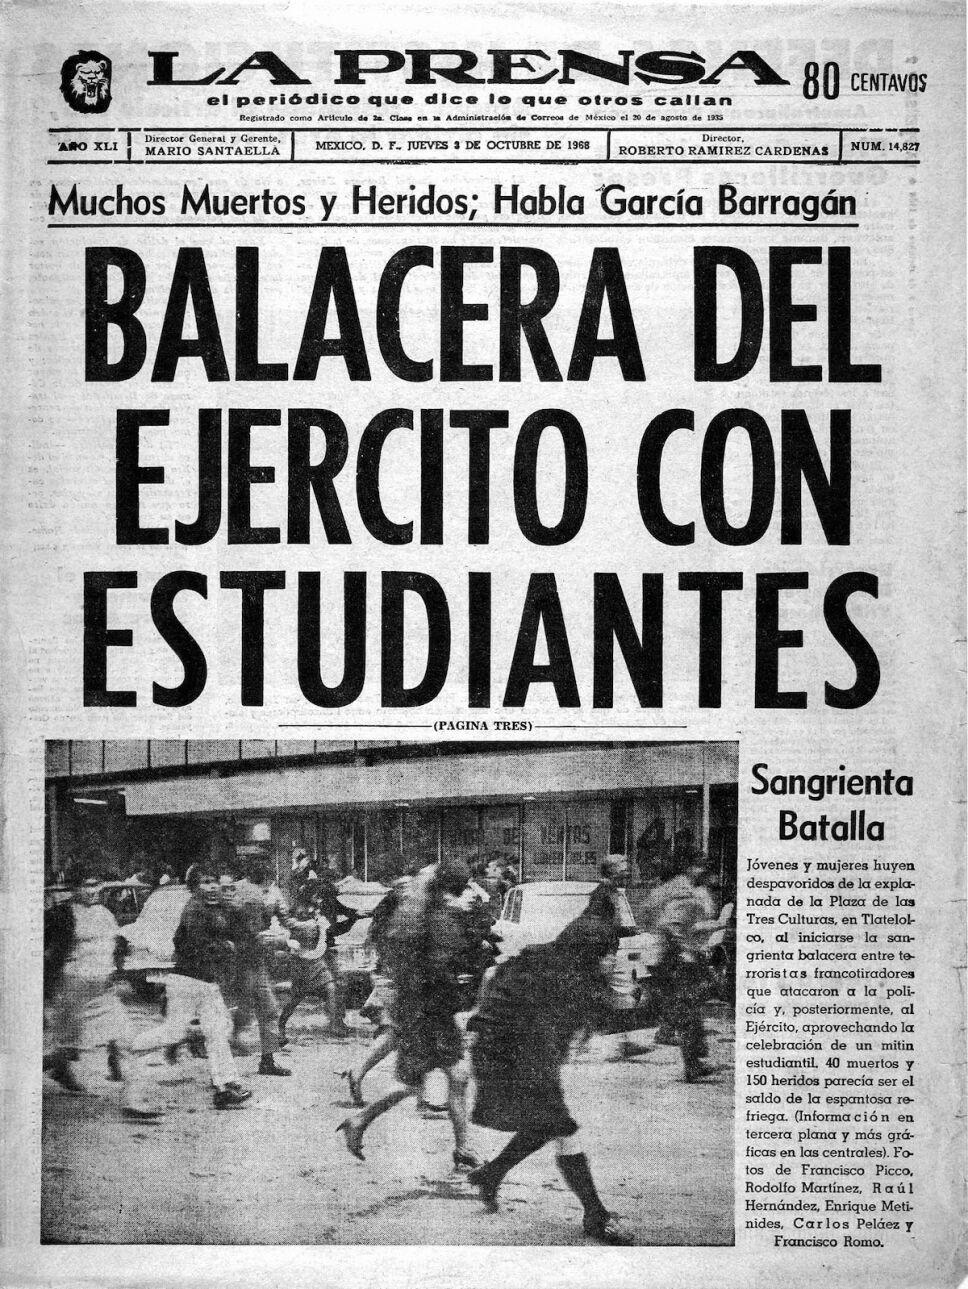 la prensa periodico matanza tlatelolco 68